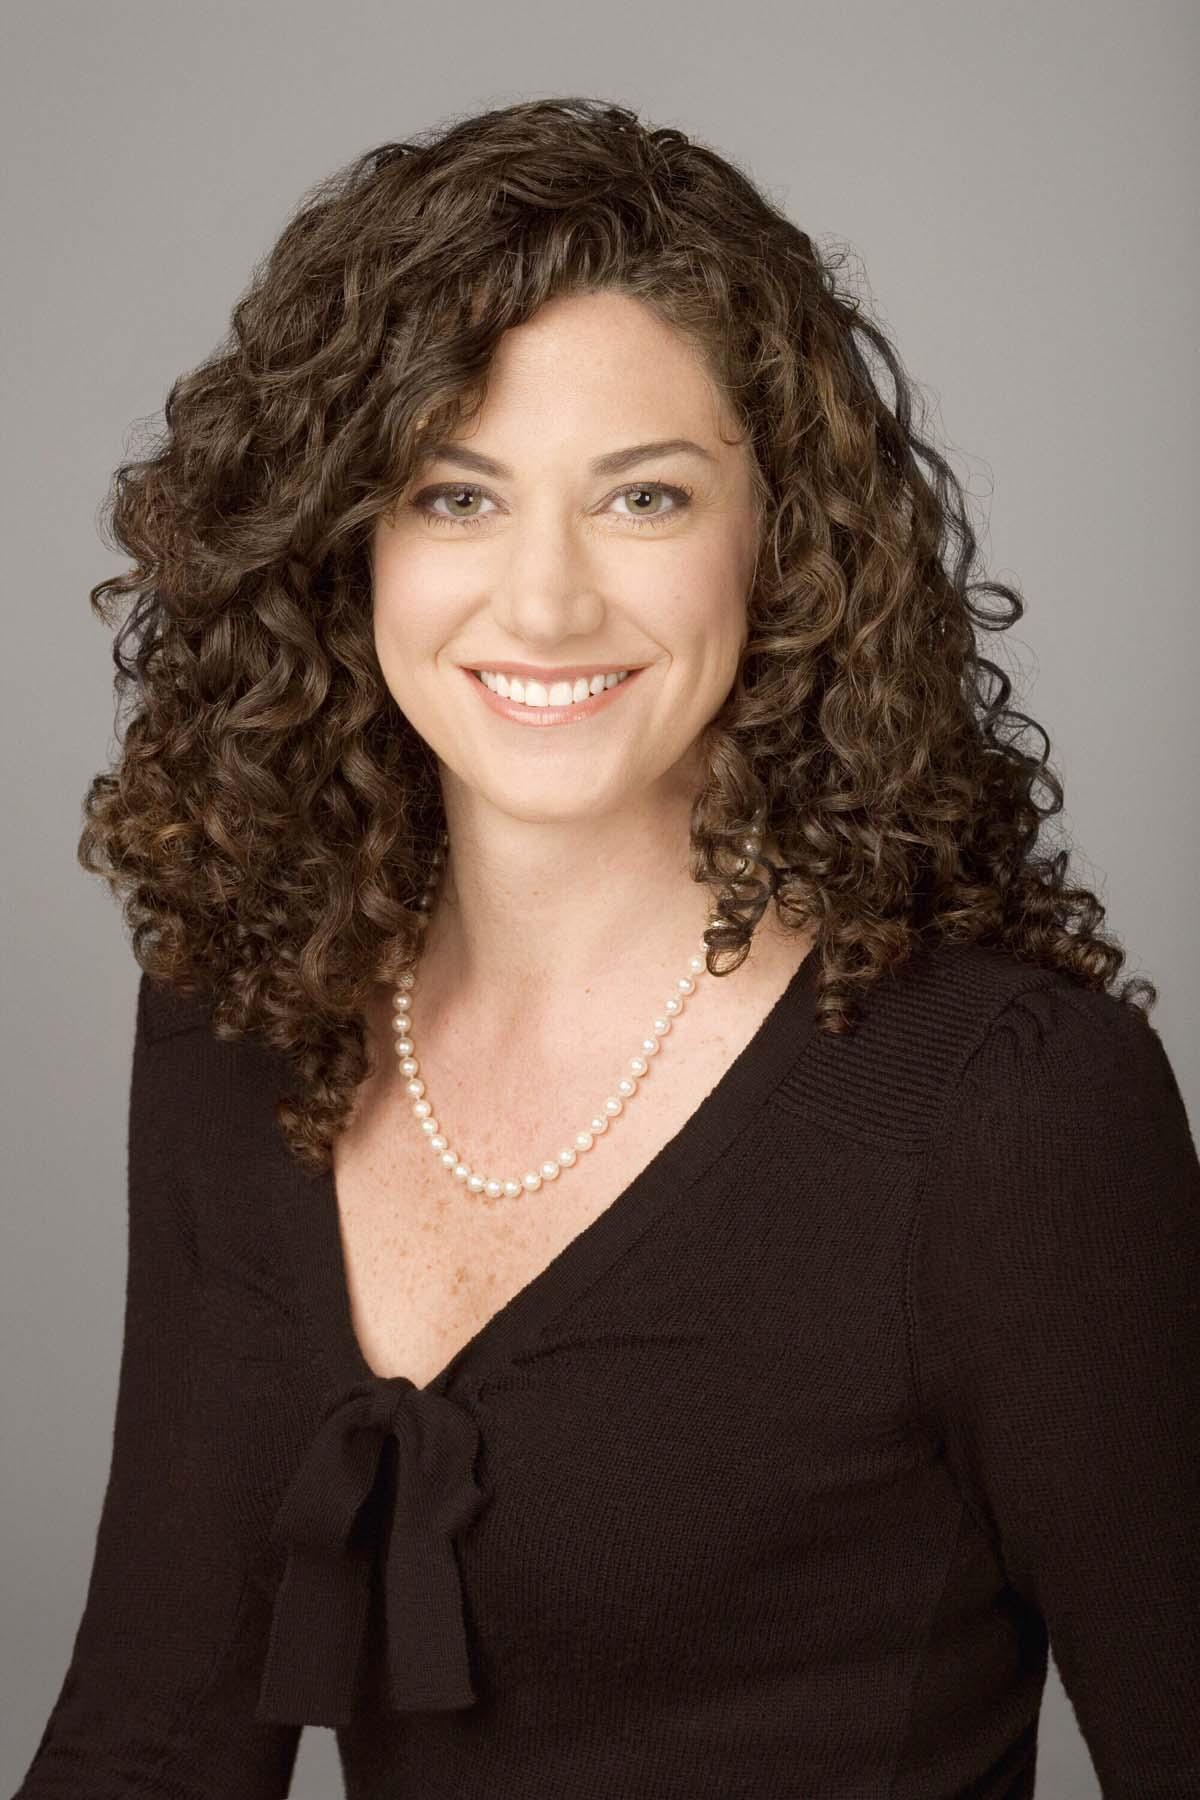 Jill King